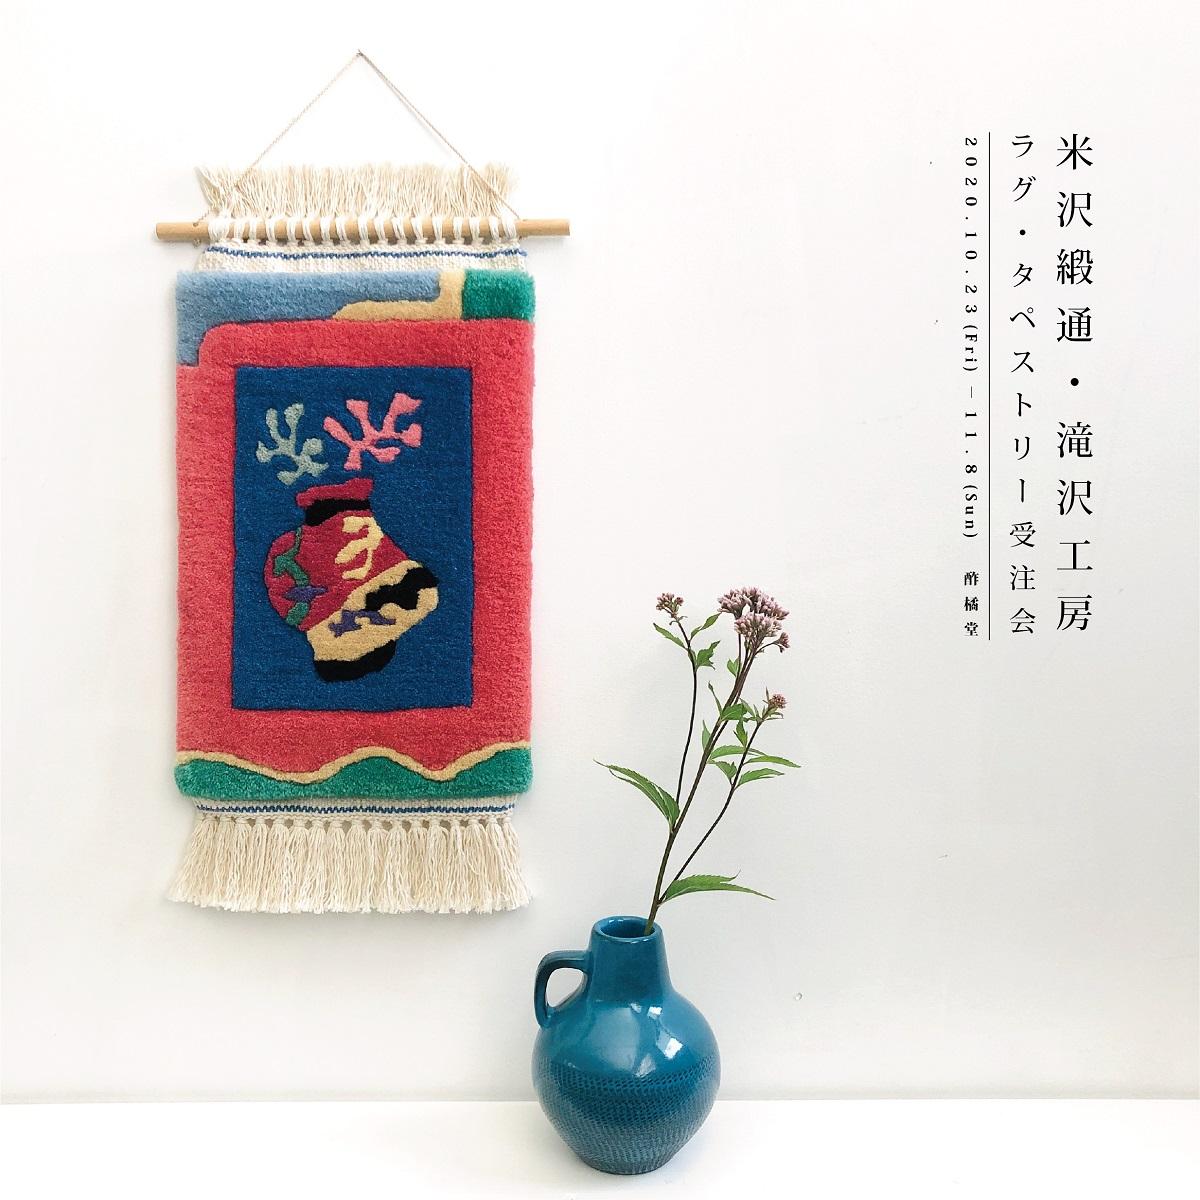 ラグ・タペストリー受注会 in酢橘堂